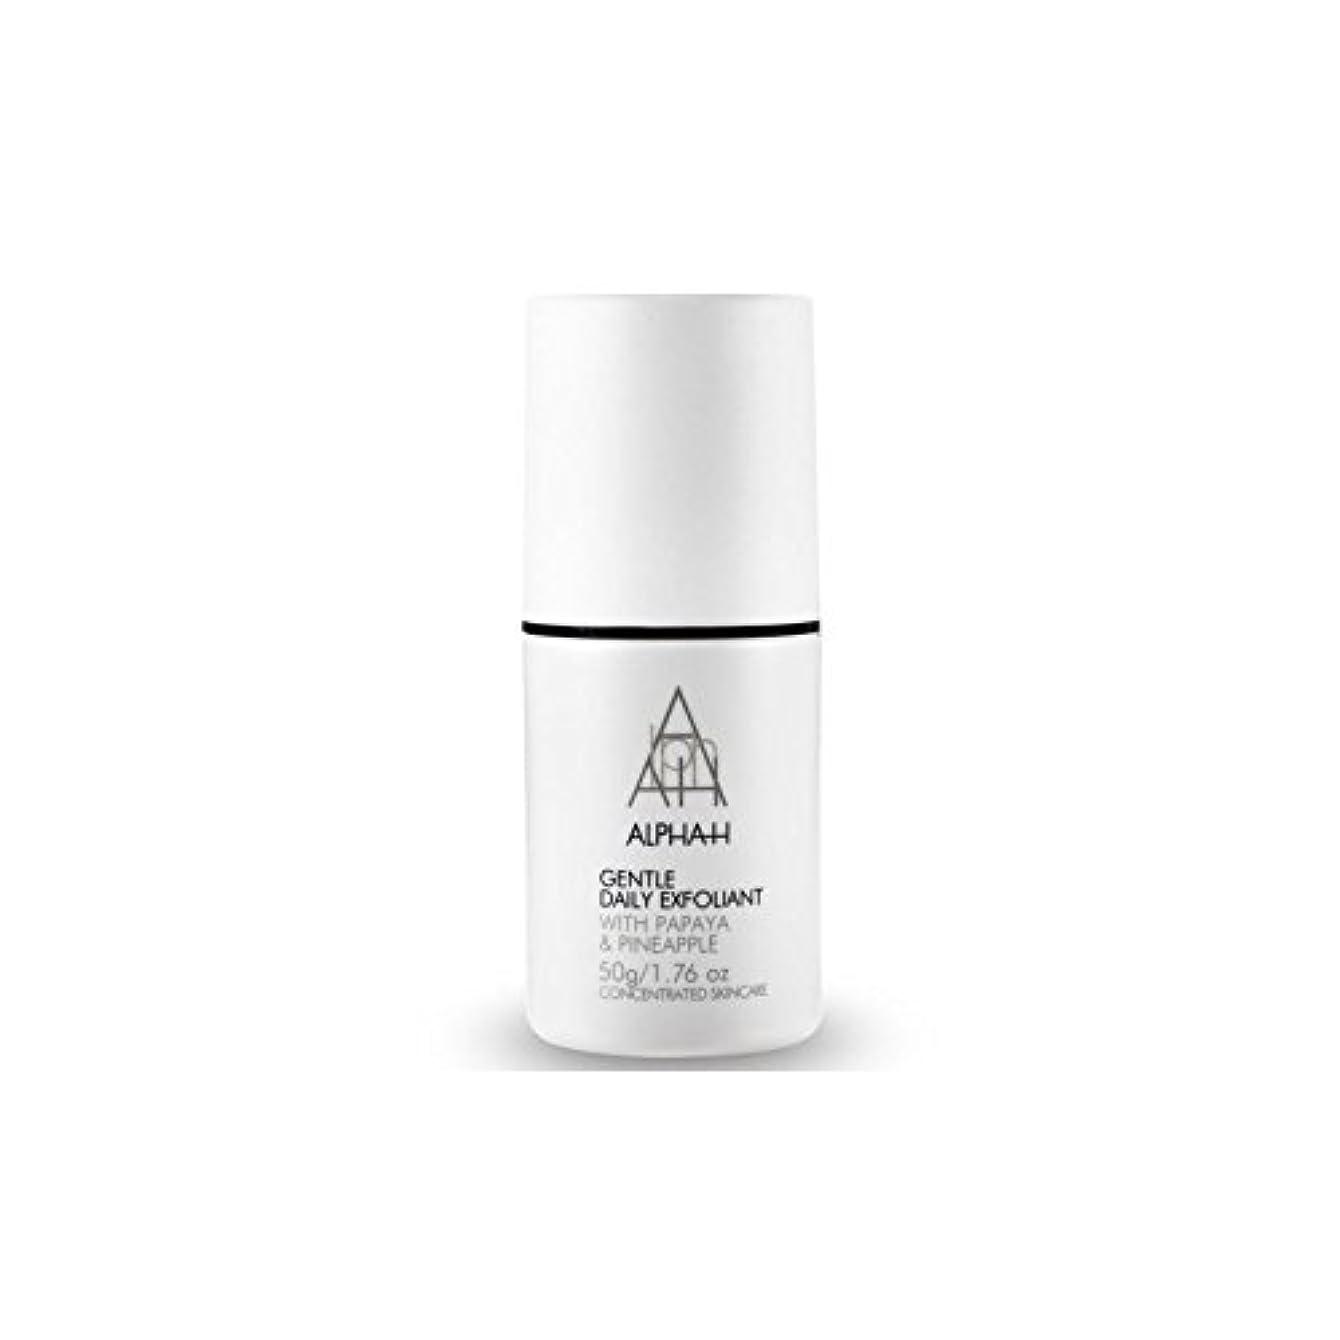 特性廃止する子豚Alpha-H Gentle Daily Exfoliant (50G) - アルファ - 時間穏やか毎日の角質(50グラム) [並行輸入品]